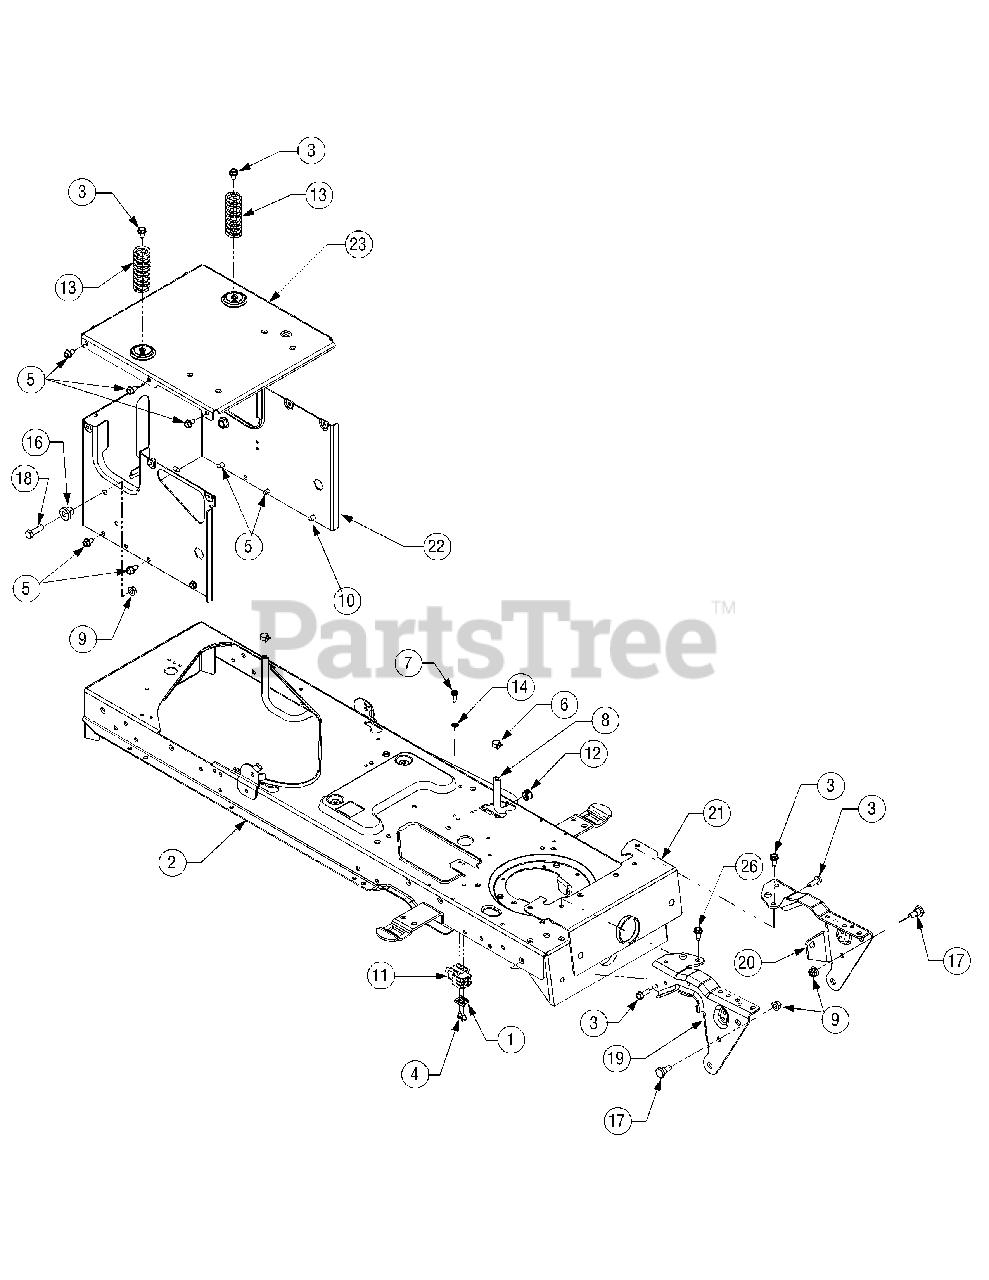 Cub Cadet Parts on the Frame Diagram for SLT 1550